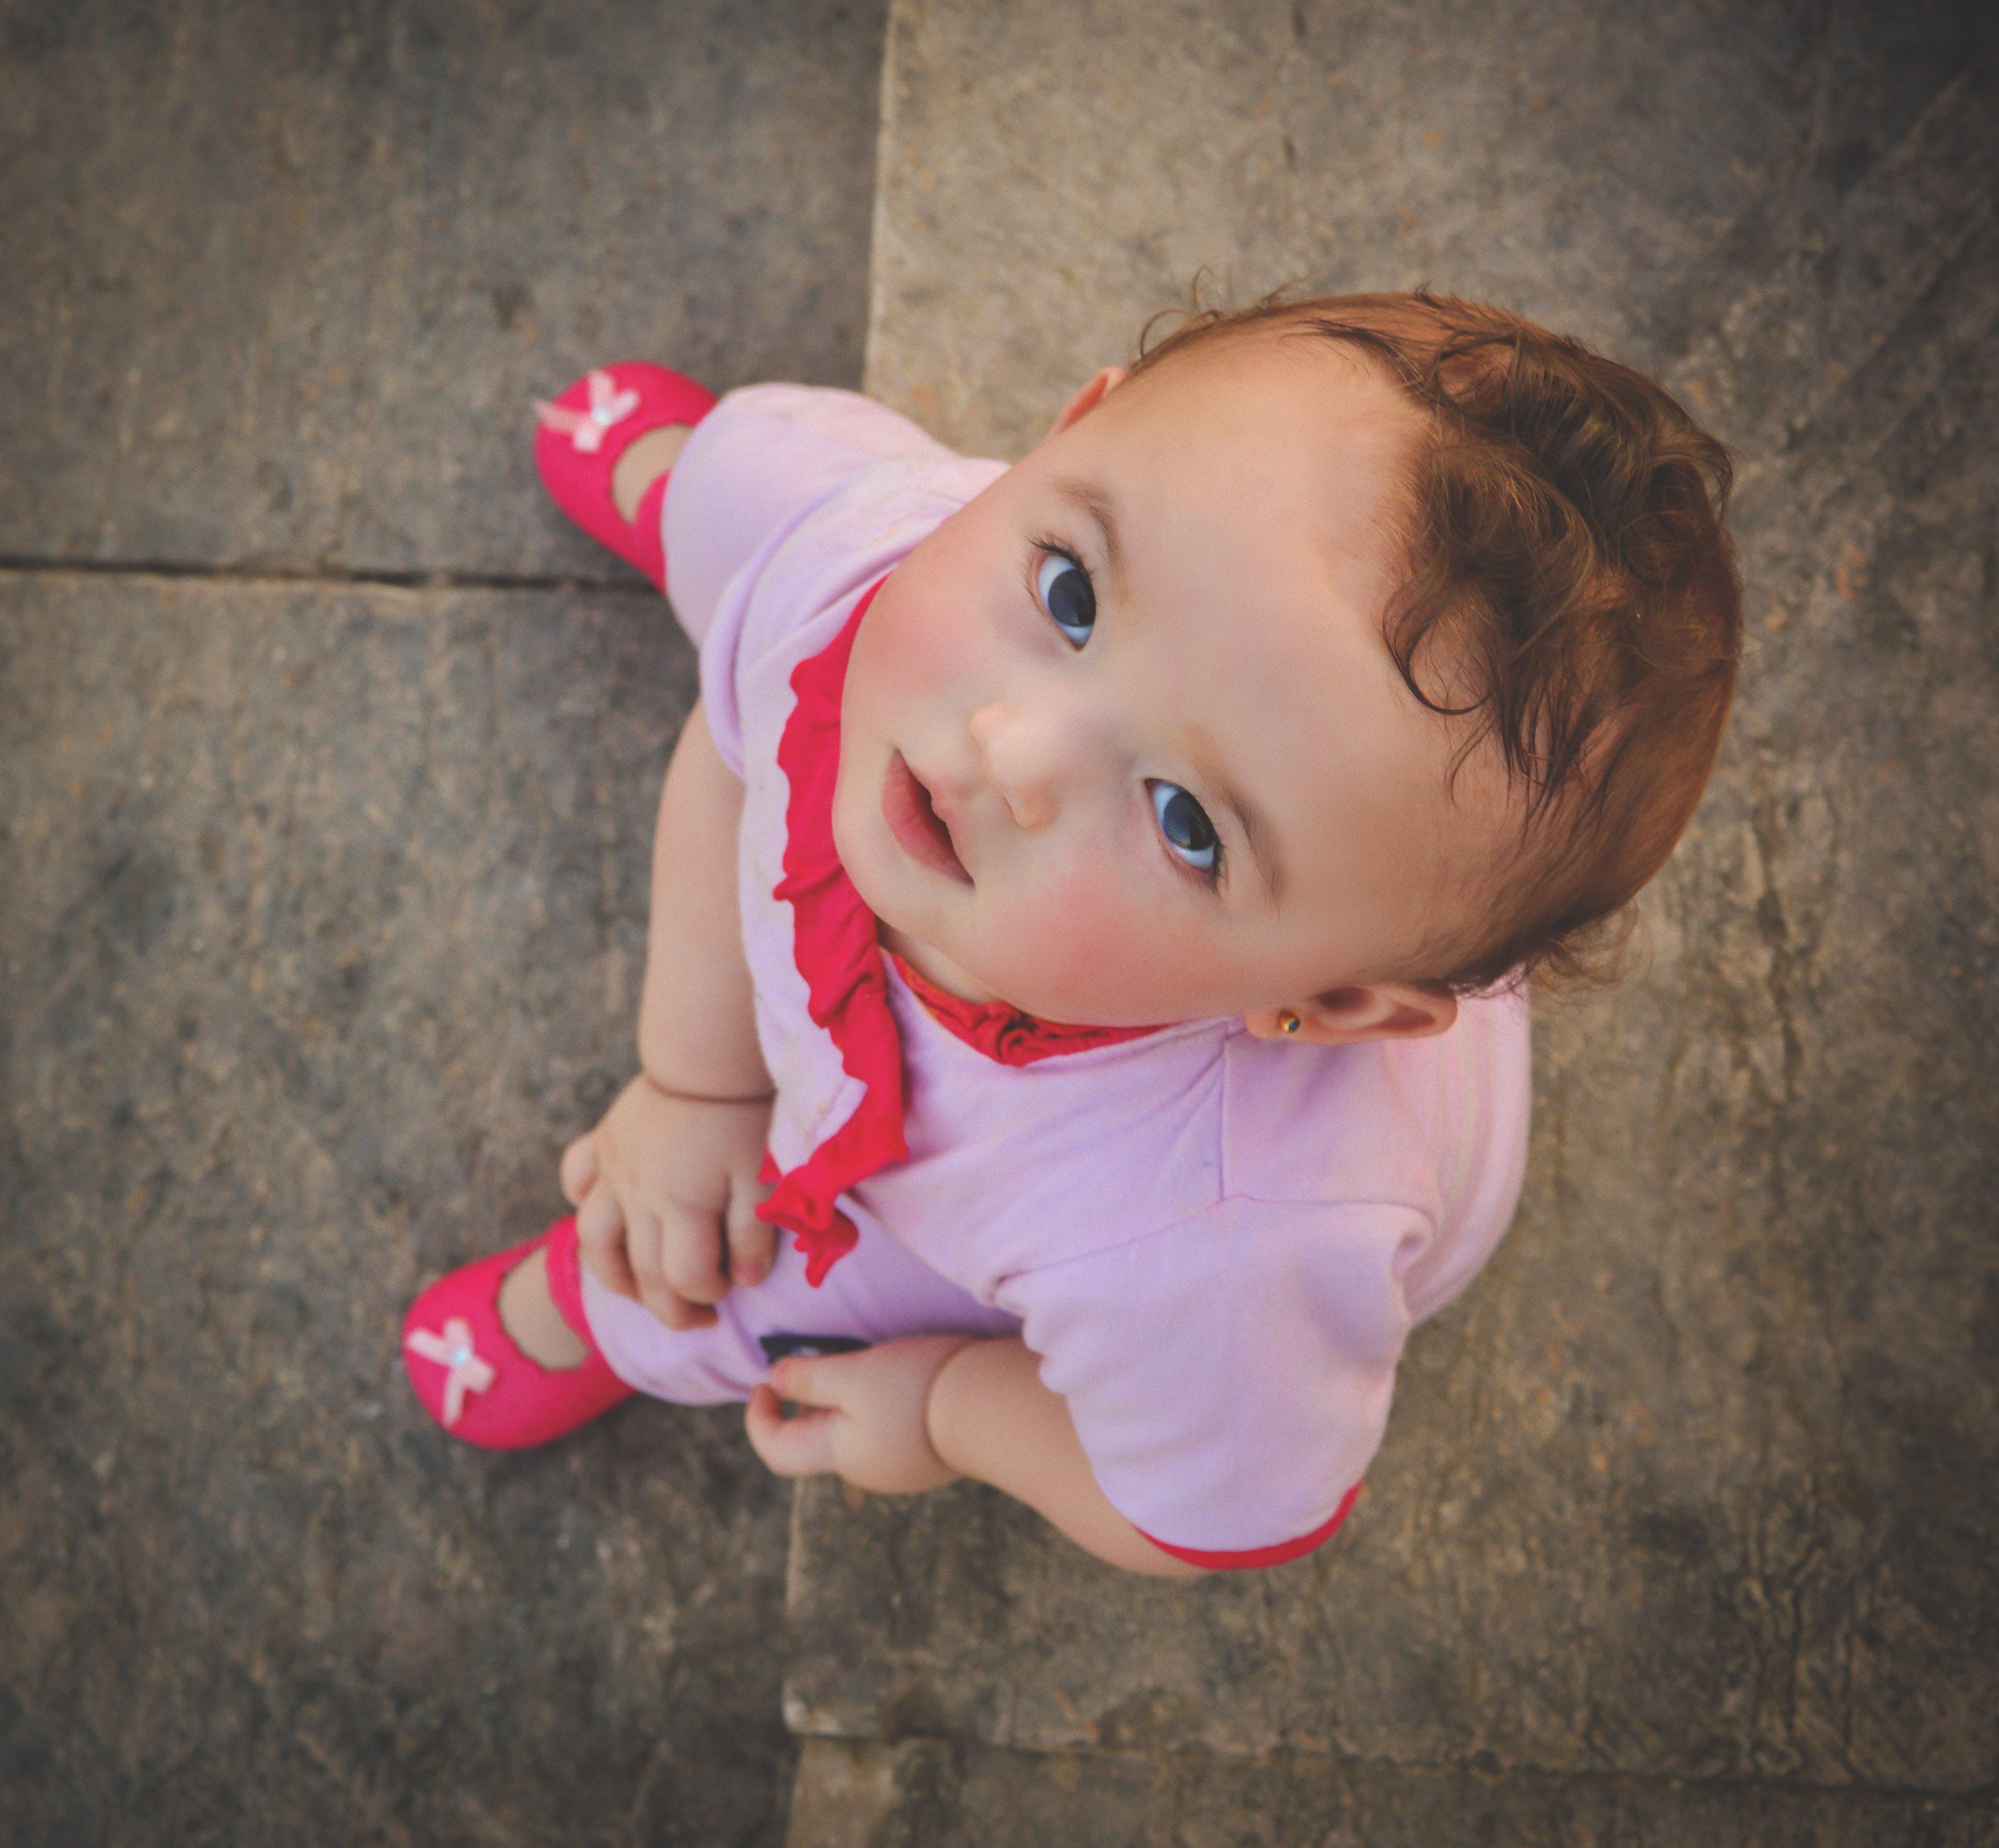 Immagine gratuita di adorabile, bambino, carino, da sopra